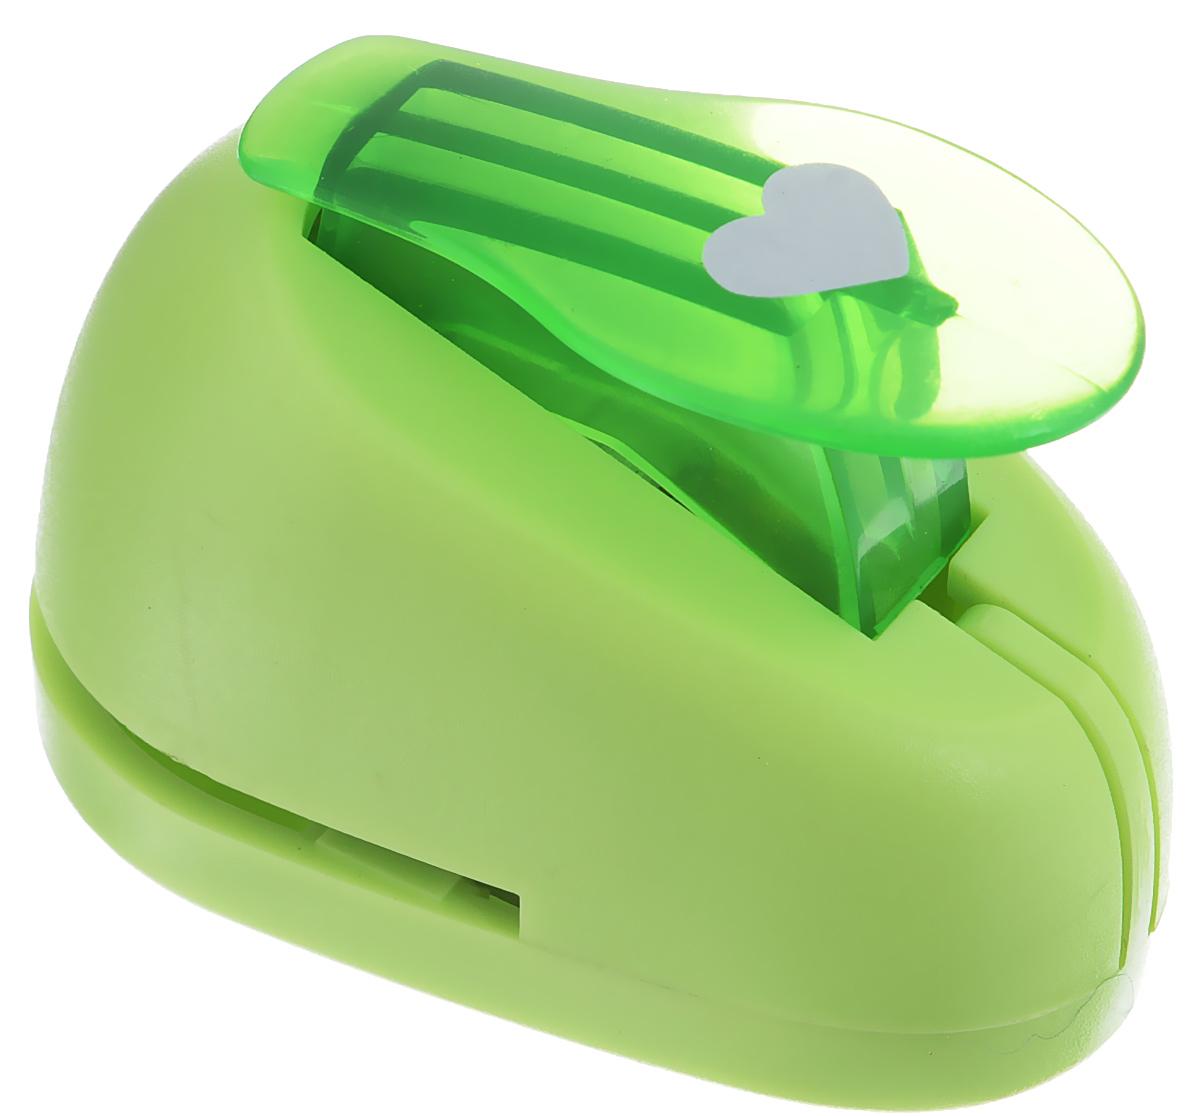 Дырокол фигурный Hobbyboom Сердце, №9, цвет: салатовый, 2,5 смCD-99M-009_салатовыйФигурный дырокол Hobbyboom Сердце предназначен для создания творческихработ в технике скрапбукинг. С его помощью можно оригинально оформитьоткрытки, украсить подарочные коробки, конверты, фотоальбомы.Дырокол вырезает из бумаги идеально ровные фигурки в виде сердец, такжеиспользуется для прорезания фигурных отверстий в бумаге.Предназначен для бумаги определенной плотности - до 200 г/м2. При применениина бумаге большей плотности или на картоне дырокол быстро затупится. Чтобызаточить нож компостера, нужно прокомпостировать самую тонкую наждачку.Чтобы смазать режущий механизм - парафинированную бумагу.Порядок работы: вставьте лист бумаги или картона в дырокол и надавите на рычаг. Размер вырезаемой части: 2,5 см х 2 см.